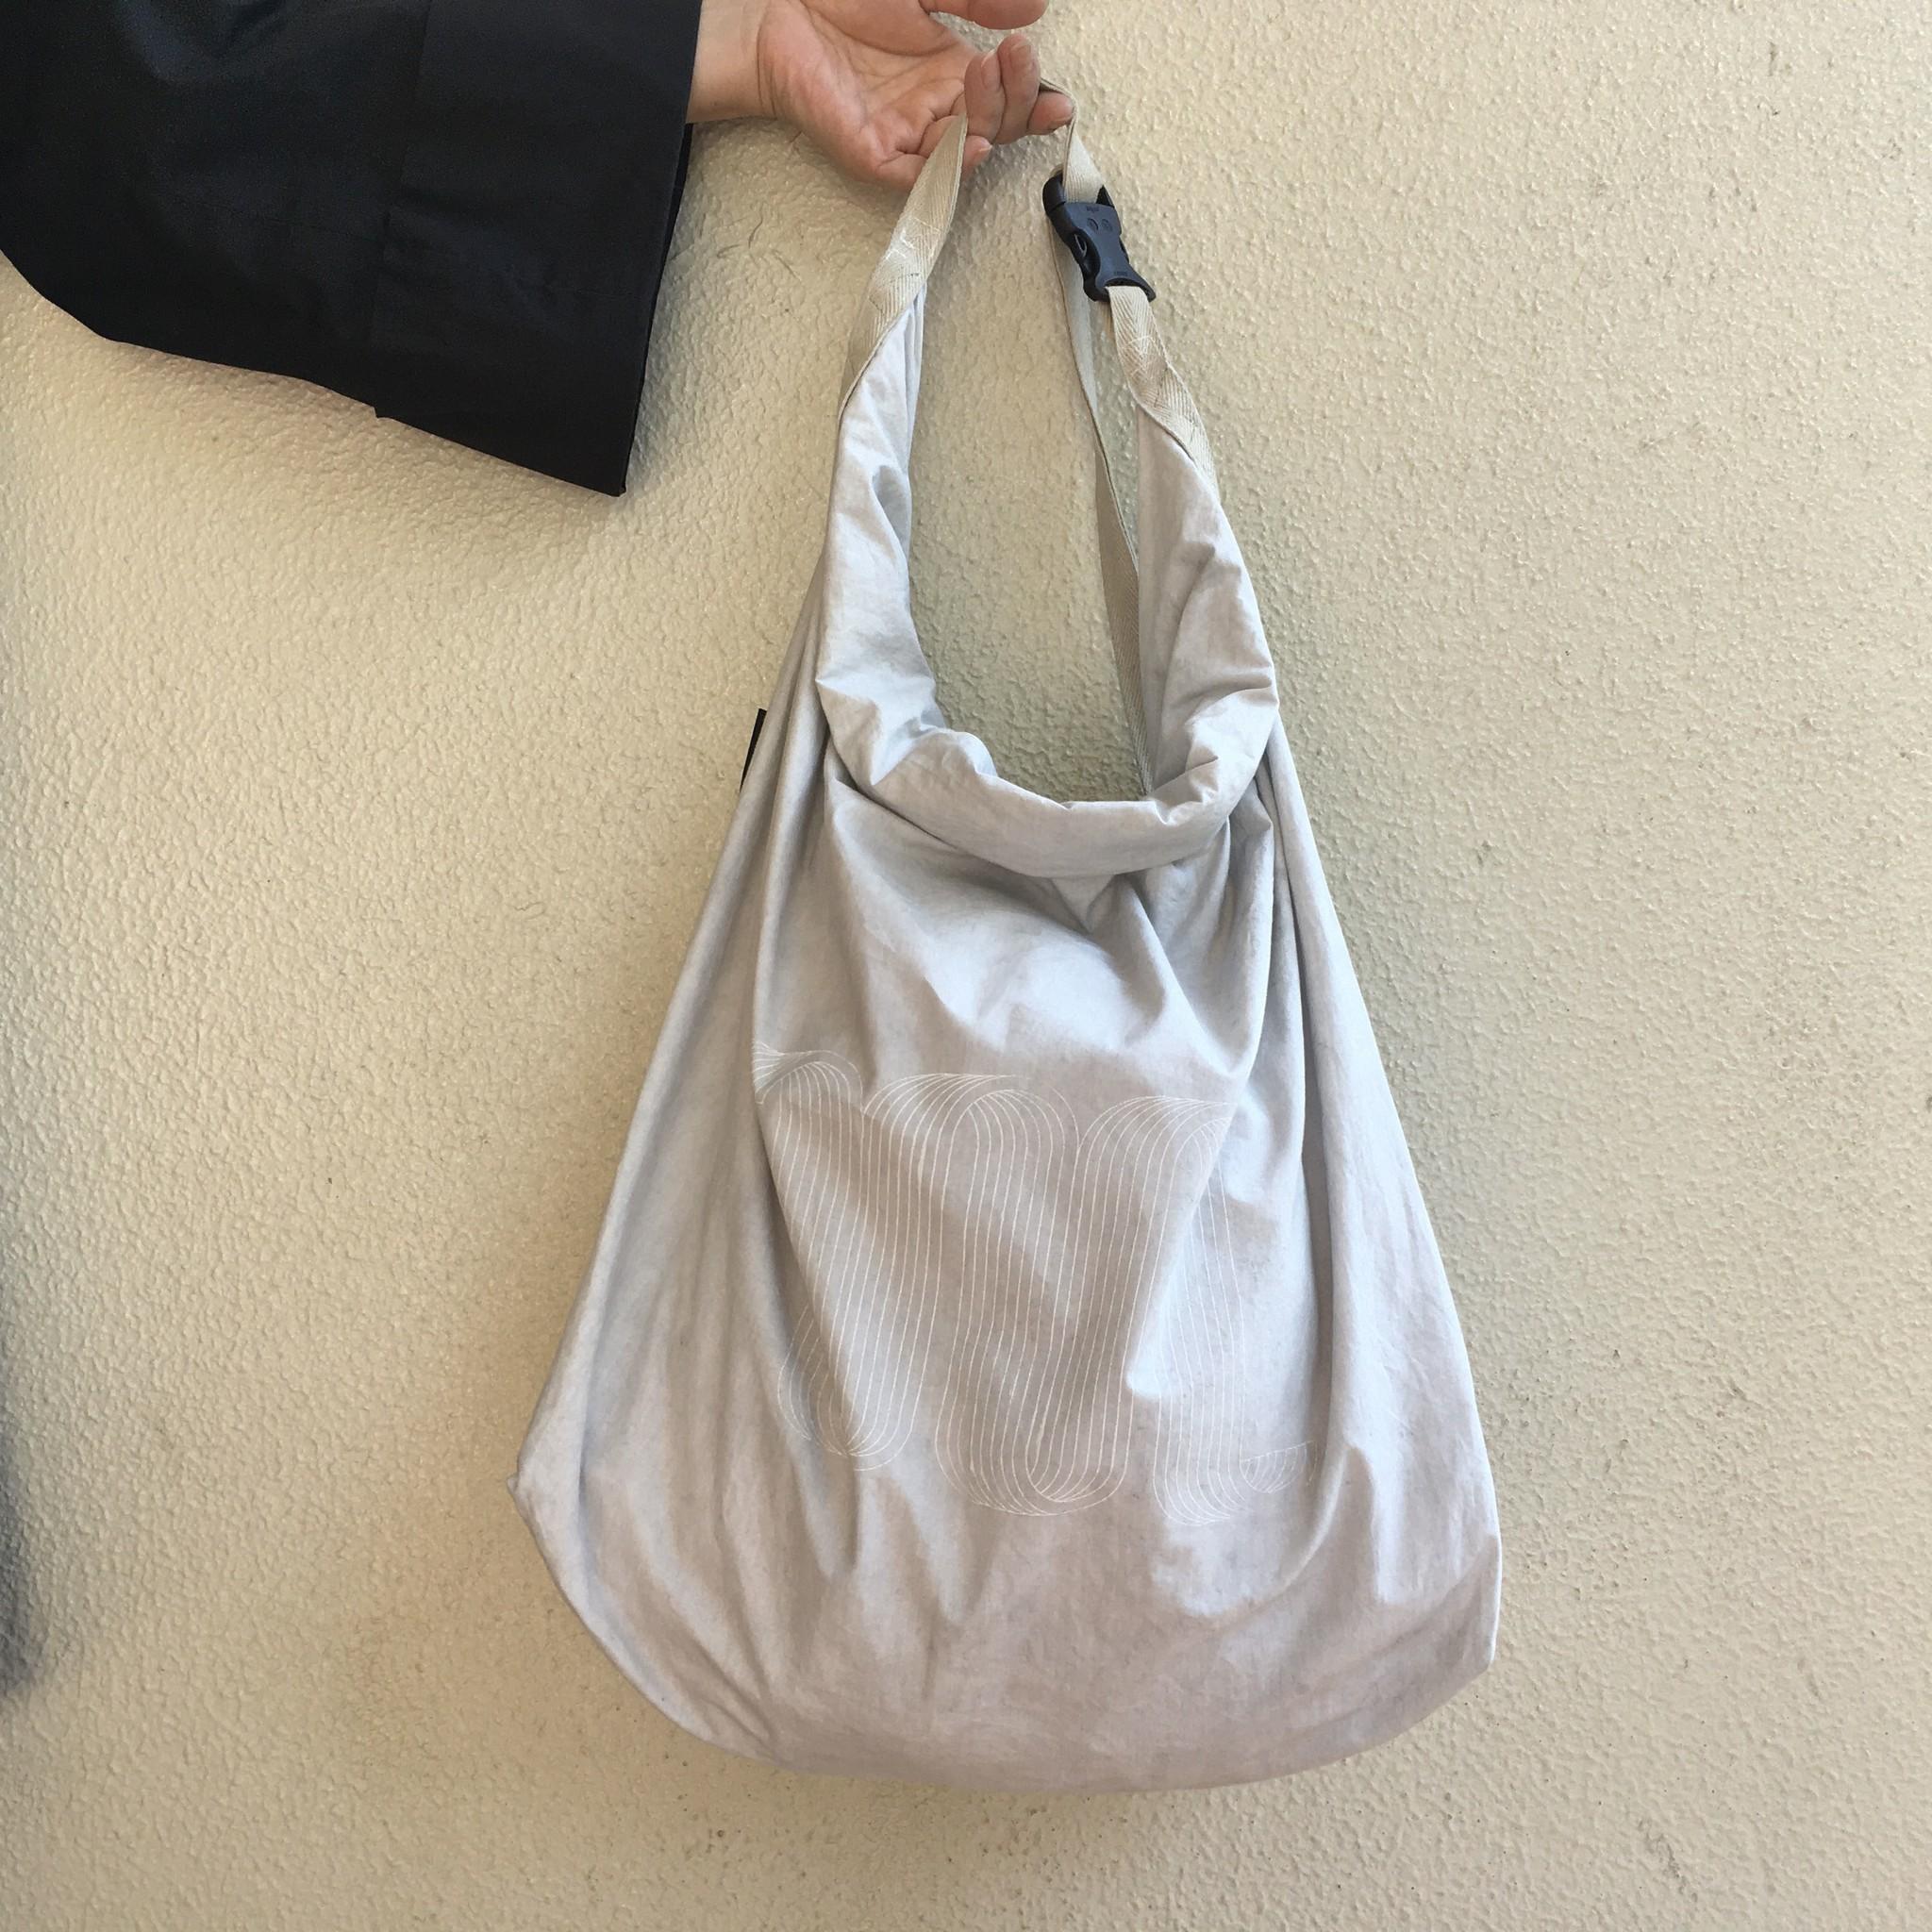 「織」+「染」+「浮」+「重」〜彩りある暮らし〜出店のお知らせ。